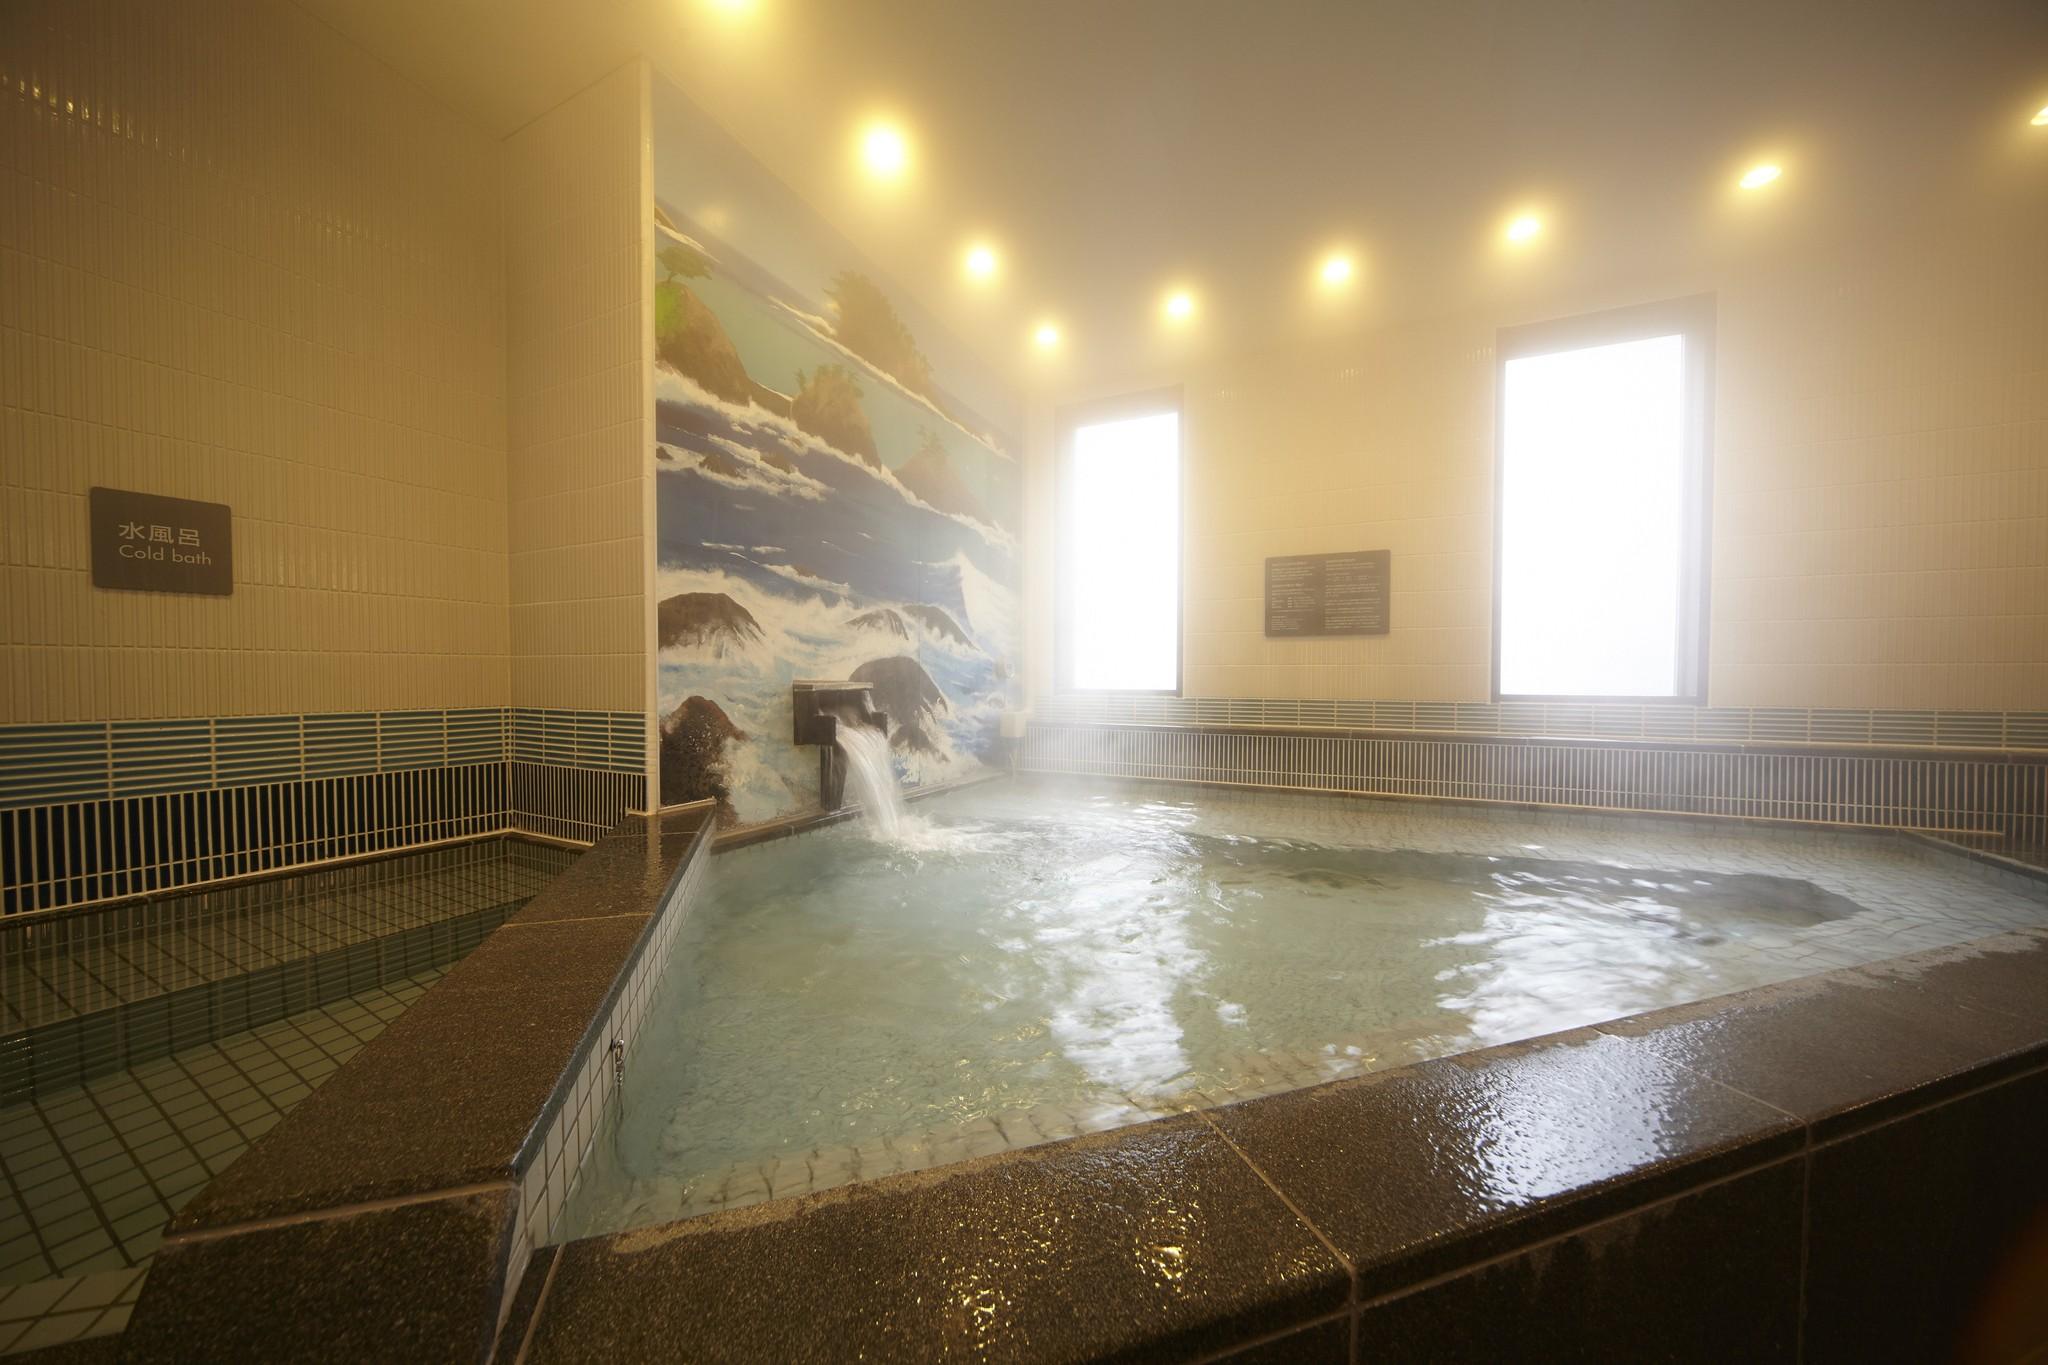 続々!ドーミーインの大浴場で免疫力を高めよう!